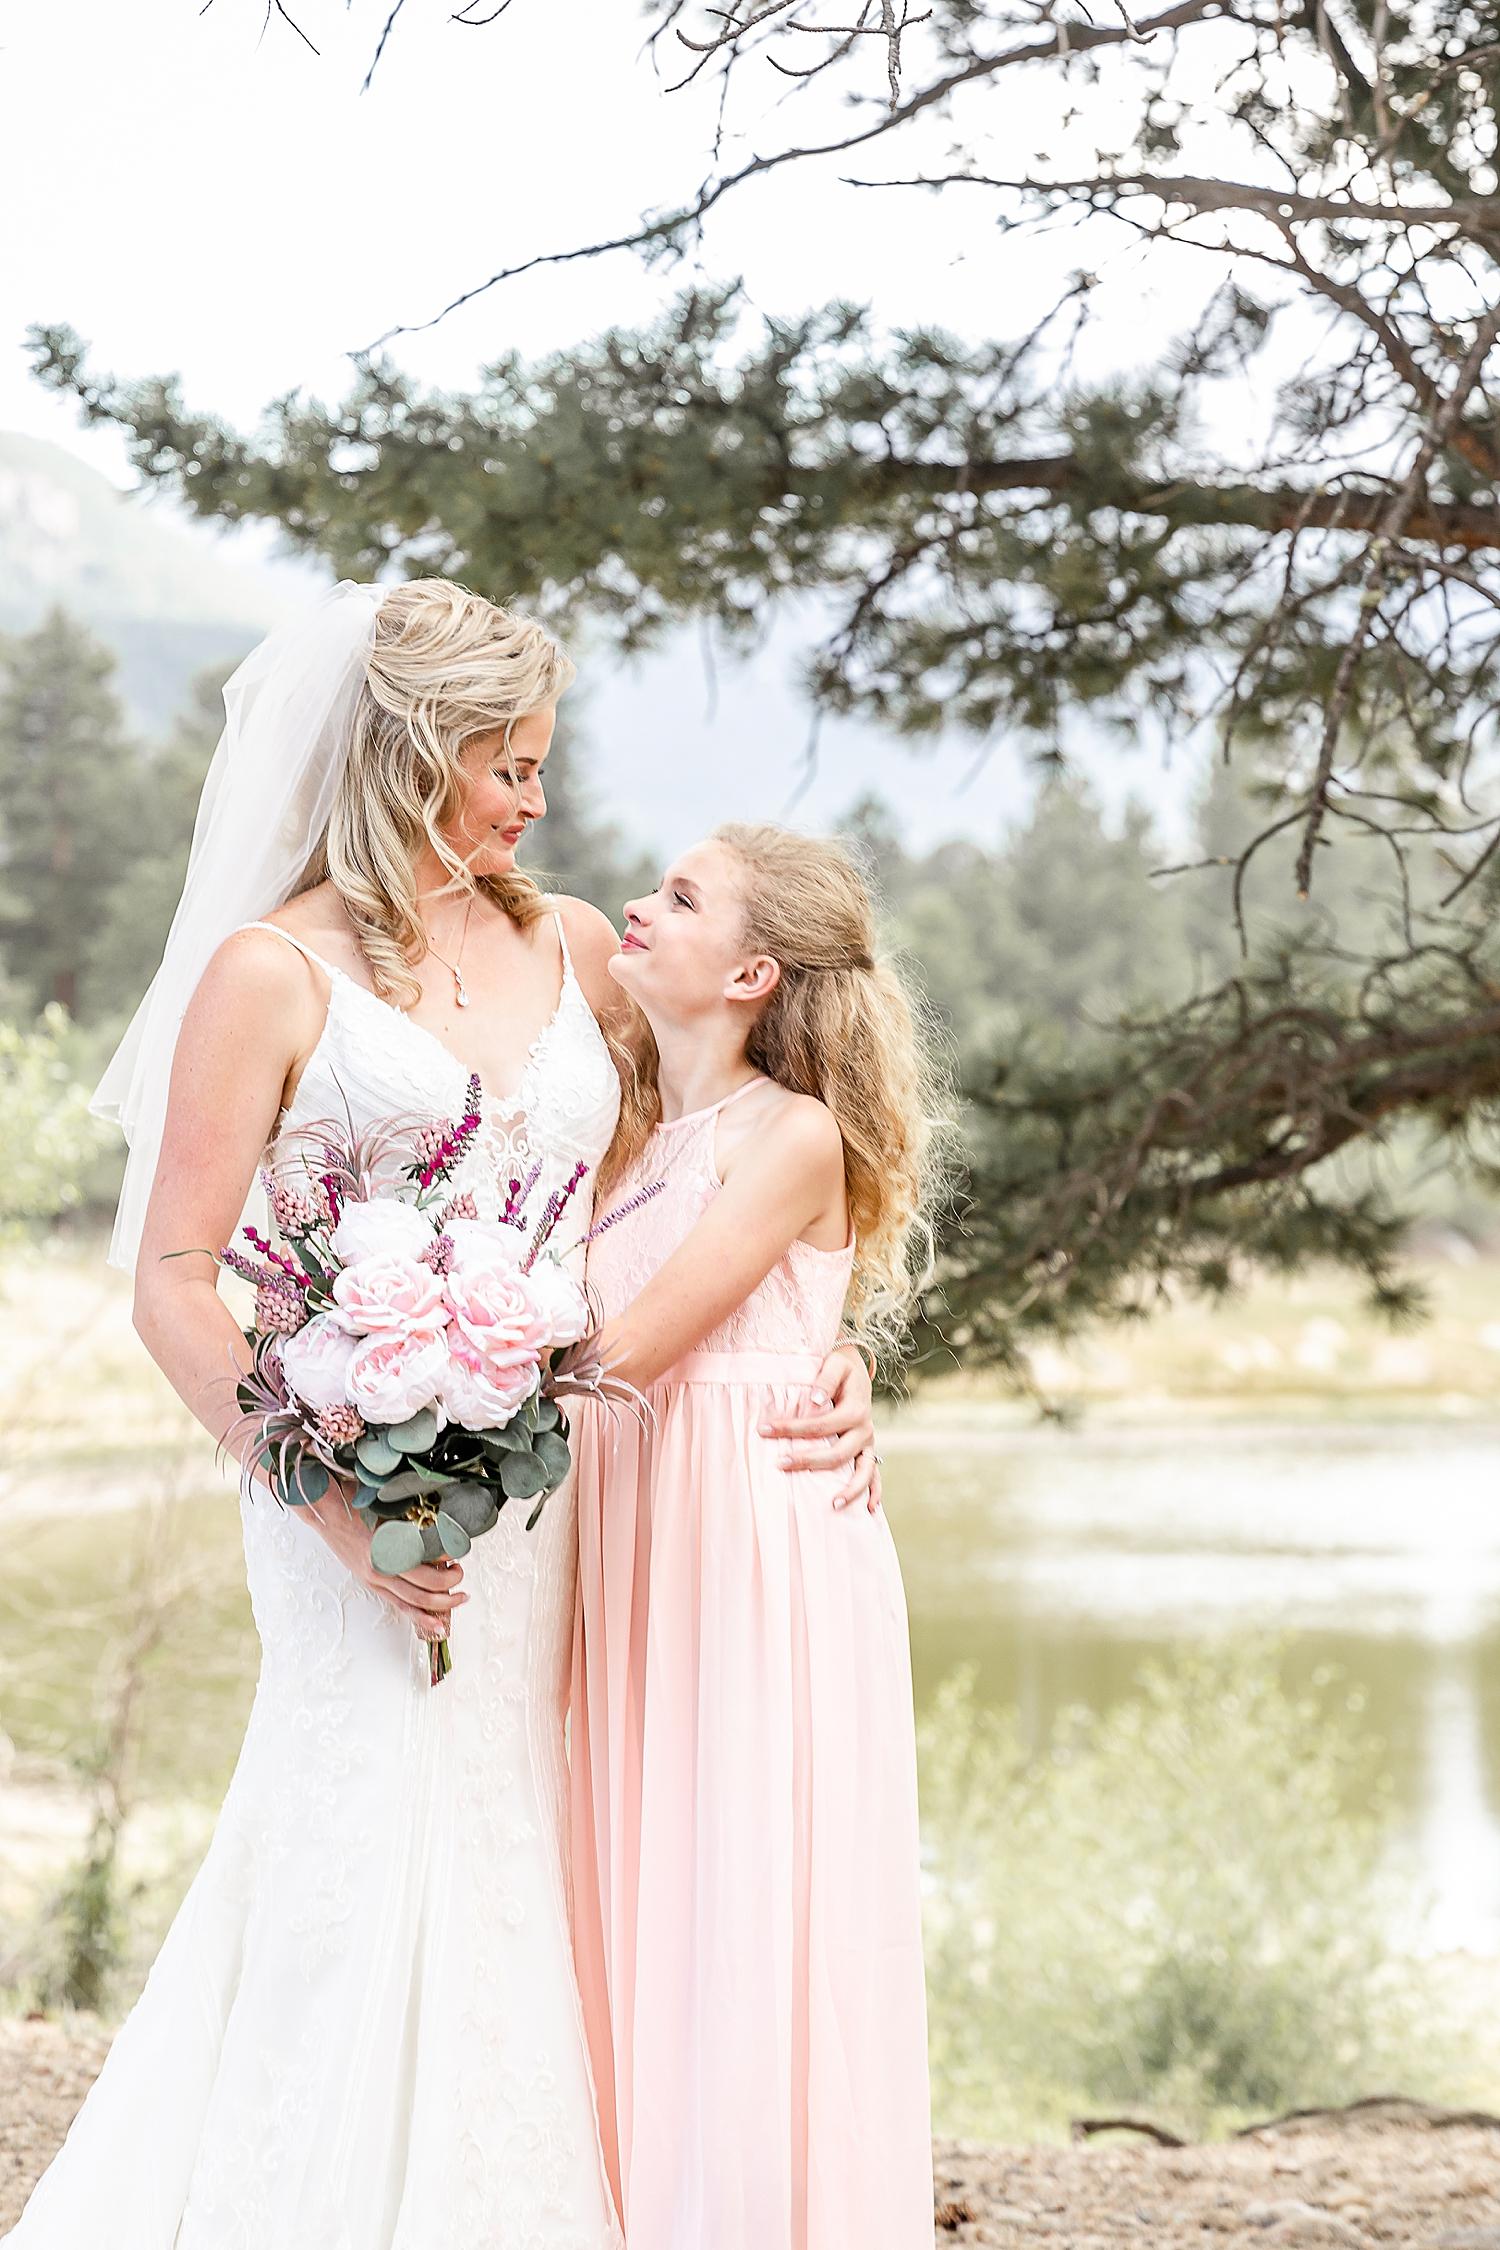 Carly-Barton-Photography-Rocky-Mountain-National-Park-Estes-Park-Wedding-Elopement_0126.jpg